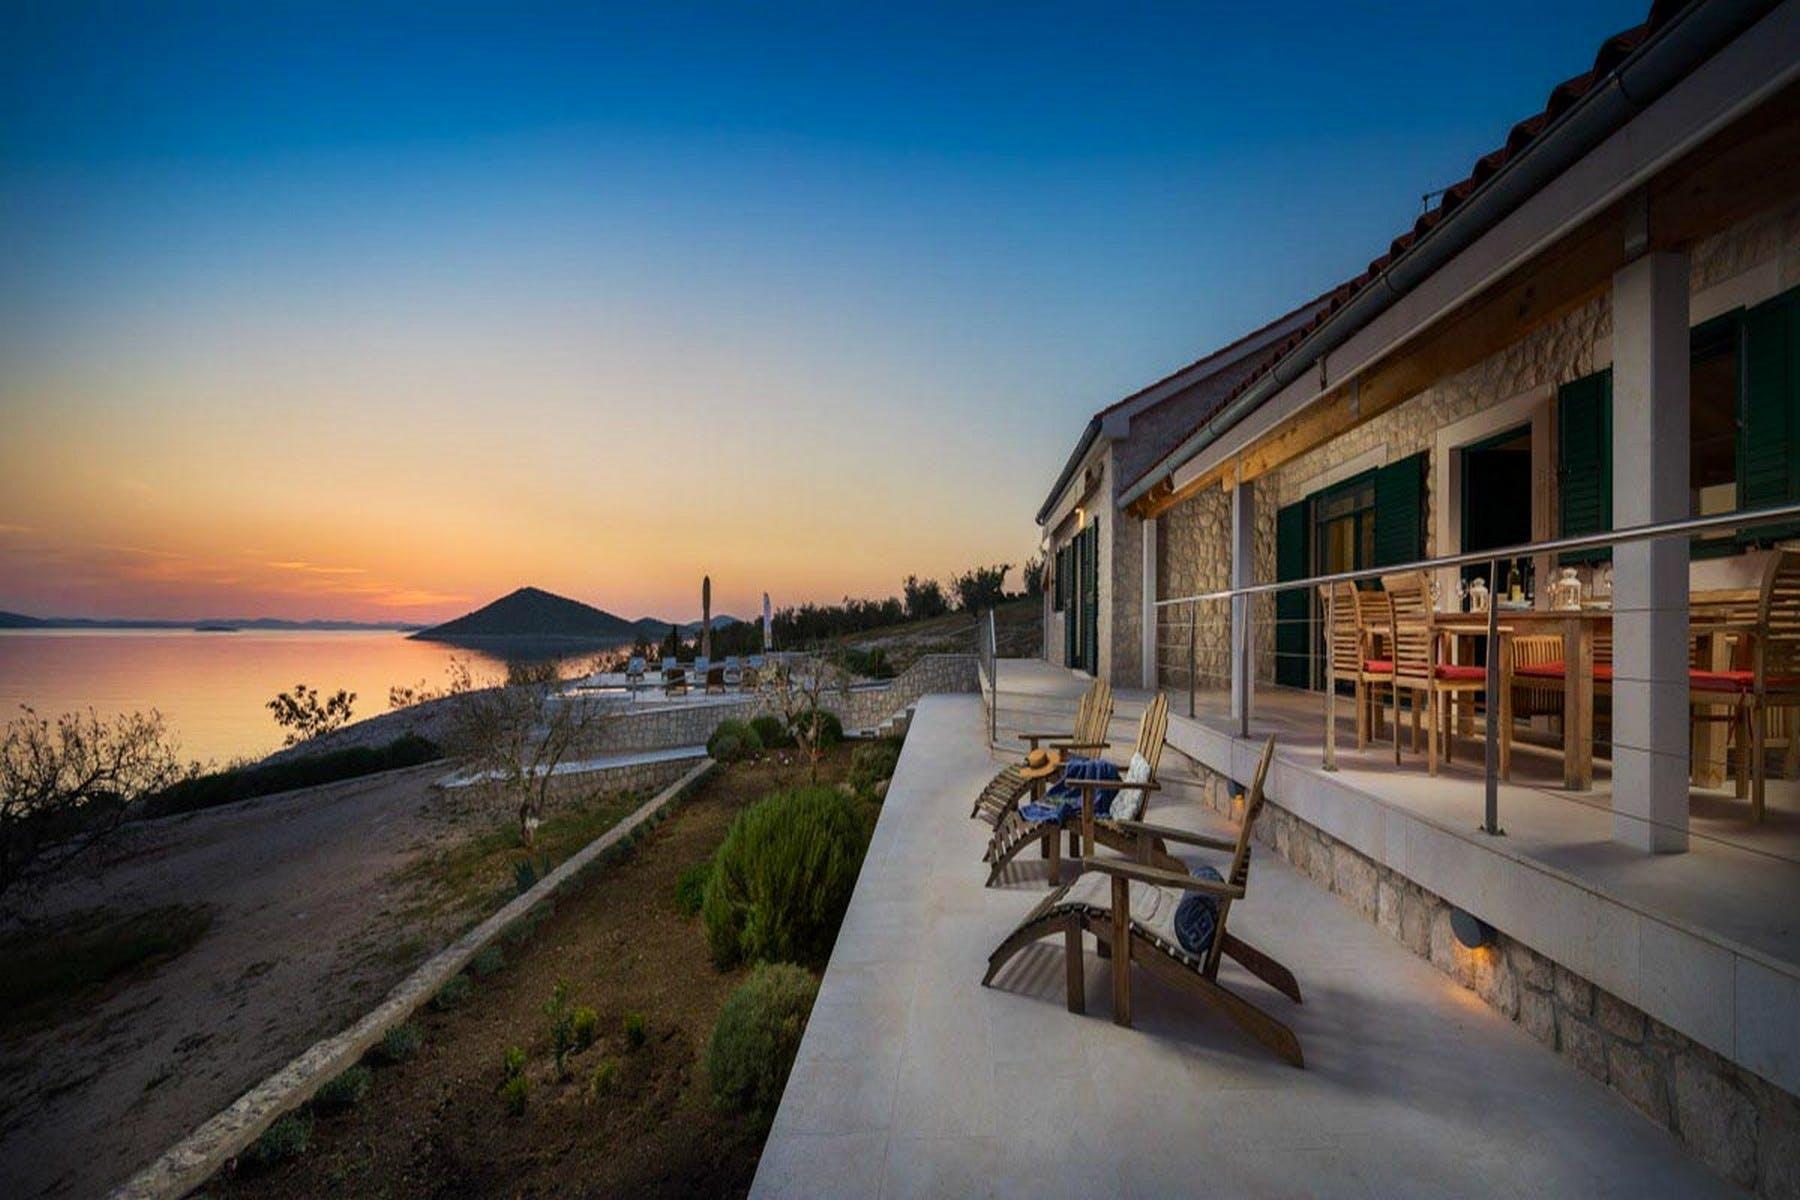 Villa in the sunset